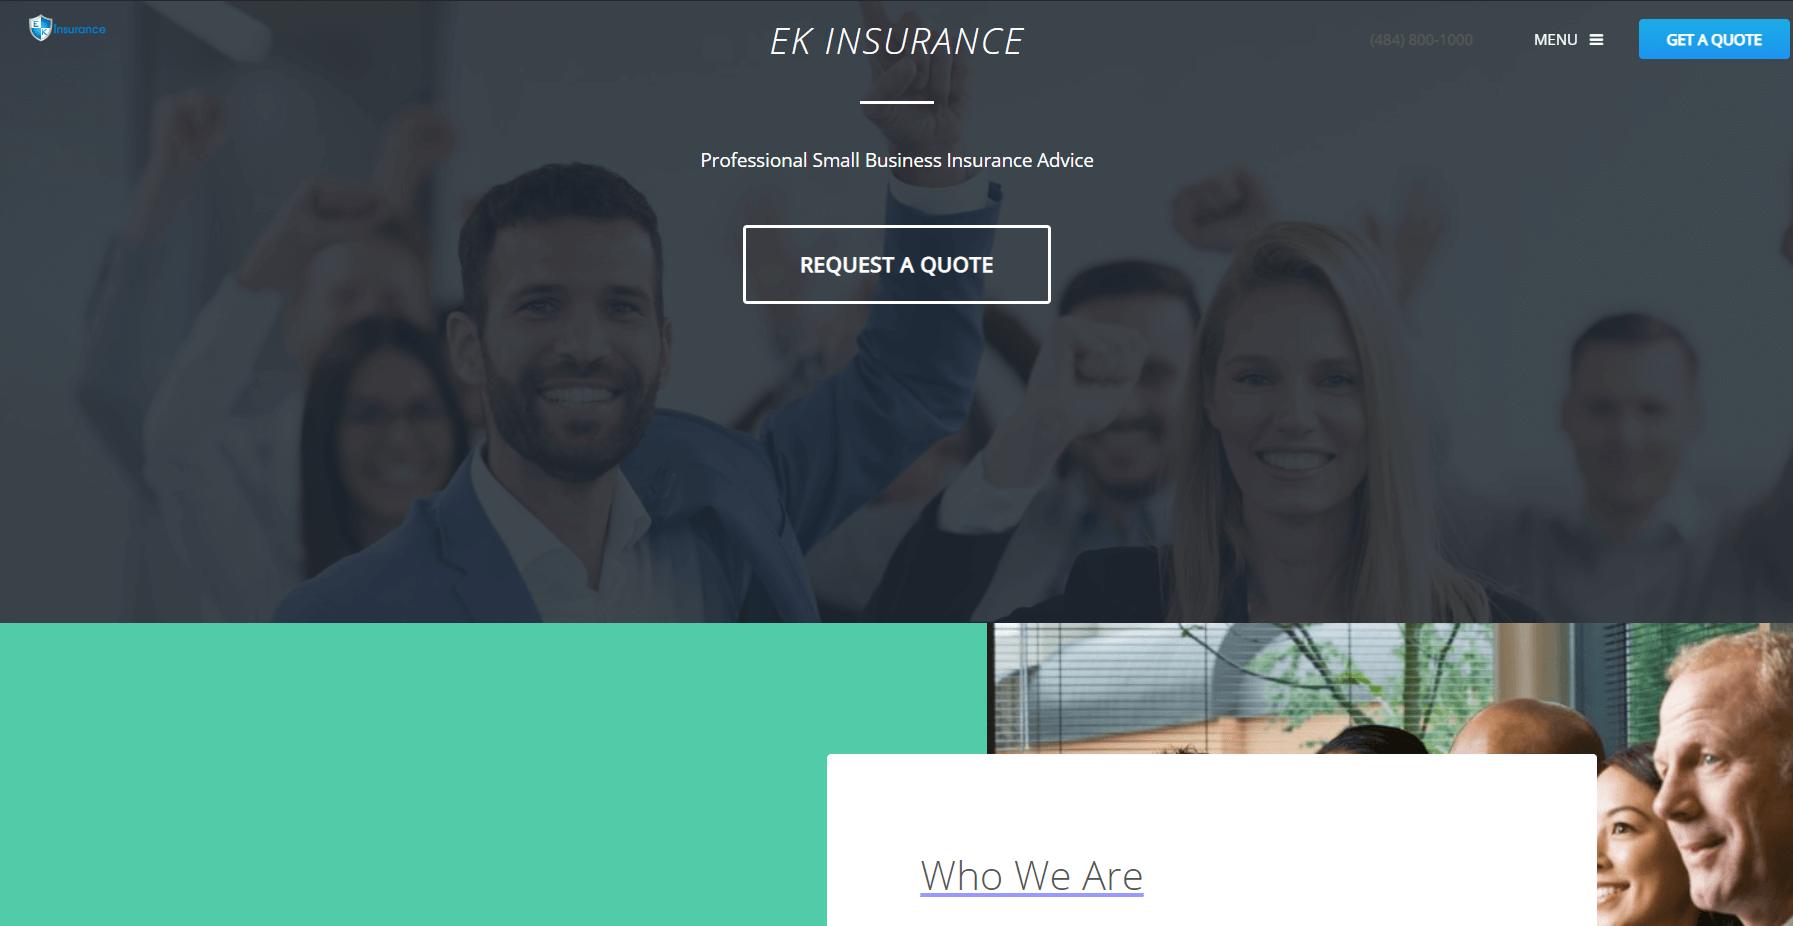 ek-insurance